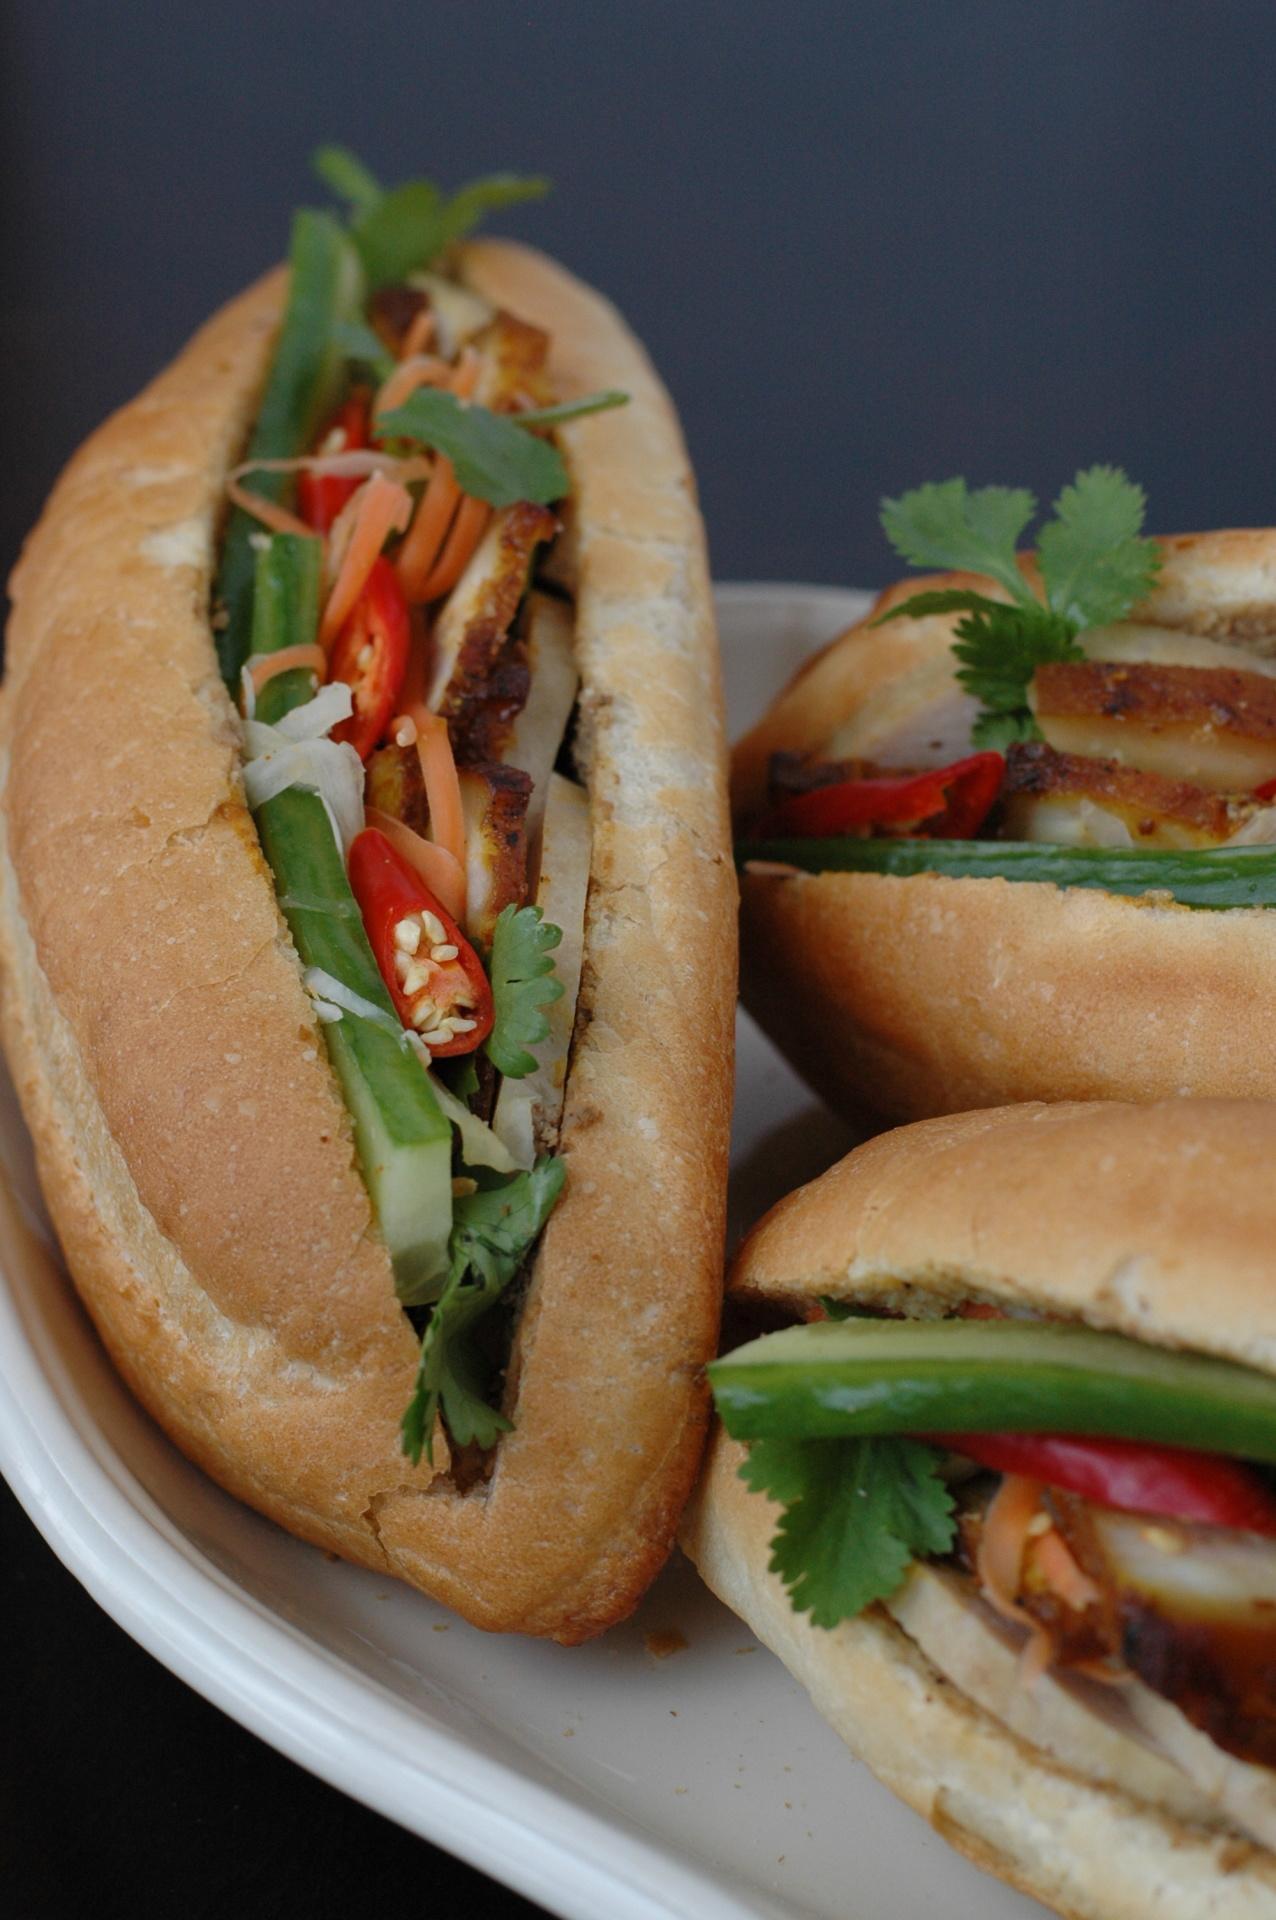 Vietnamese Sandwich (Banh Mi)